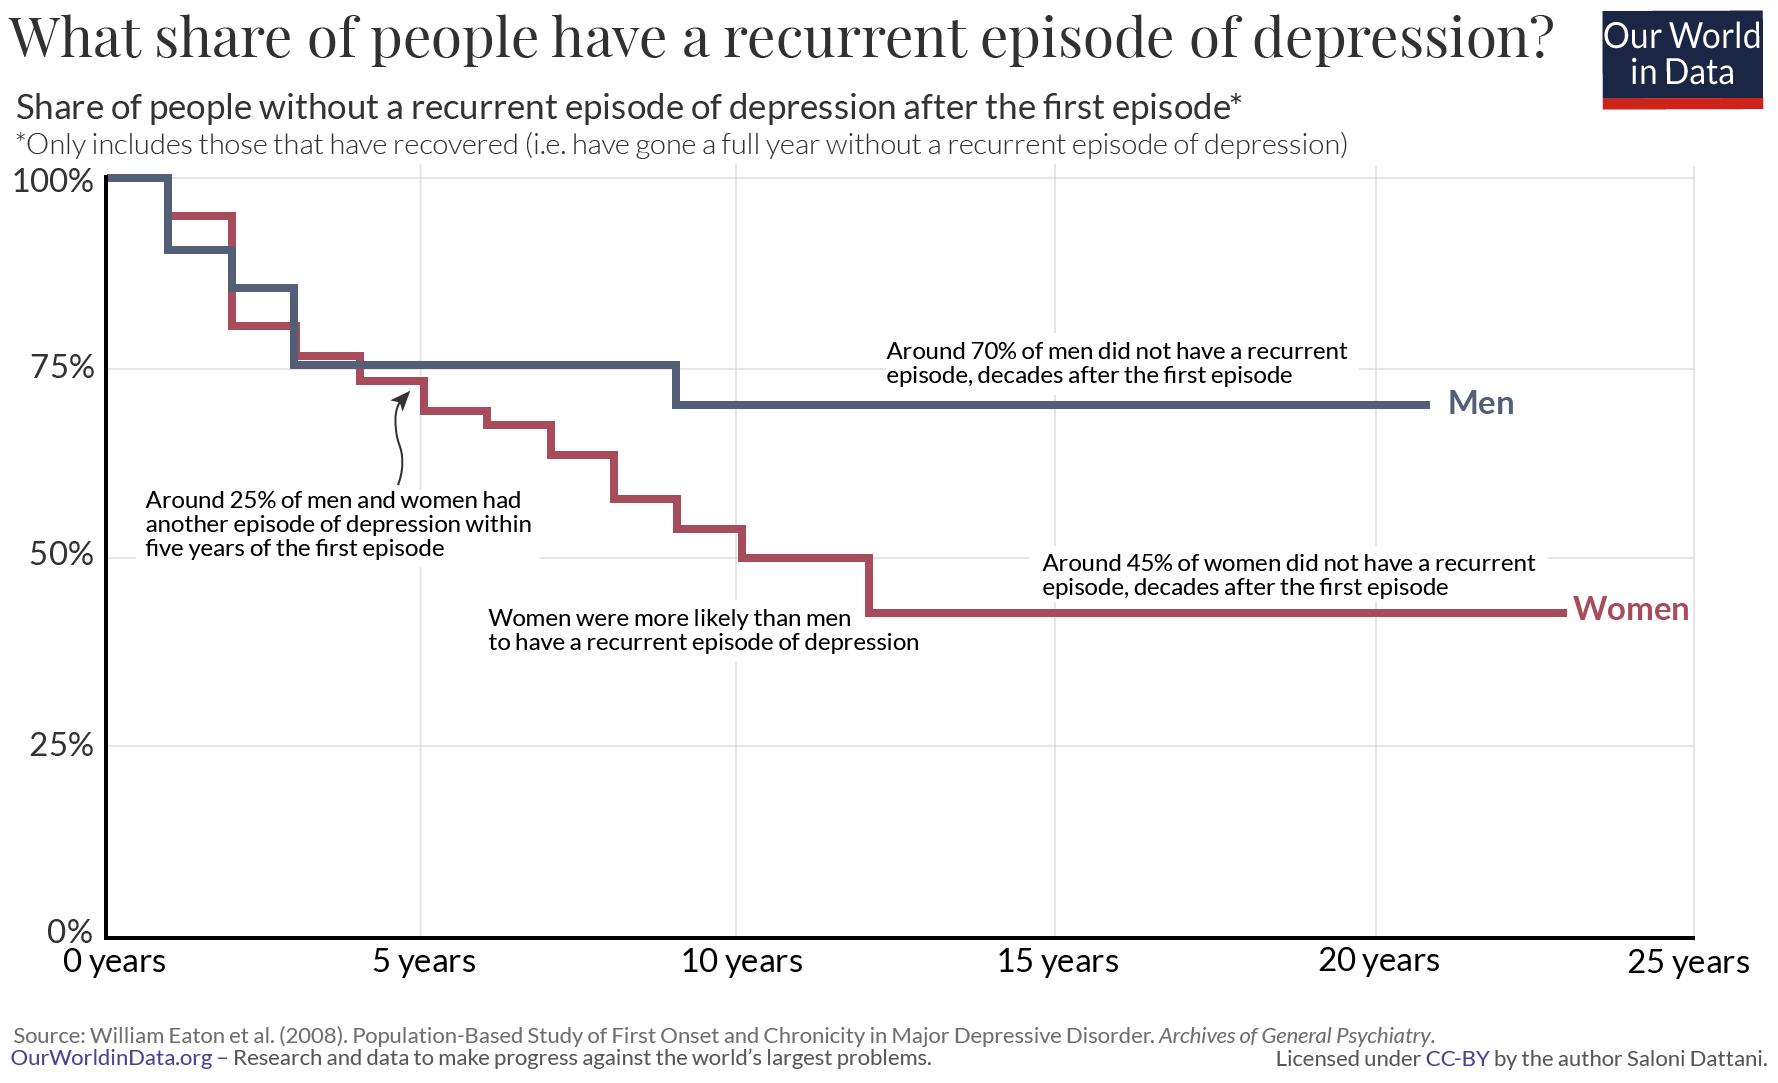 Time of recurrent depression episodes